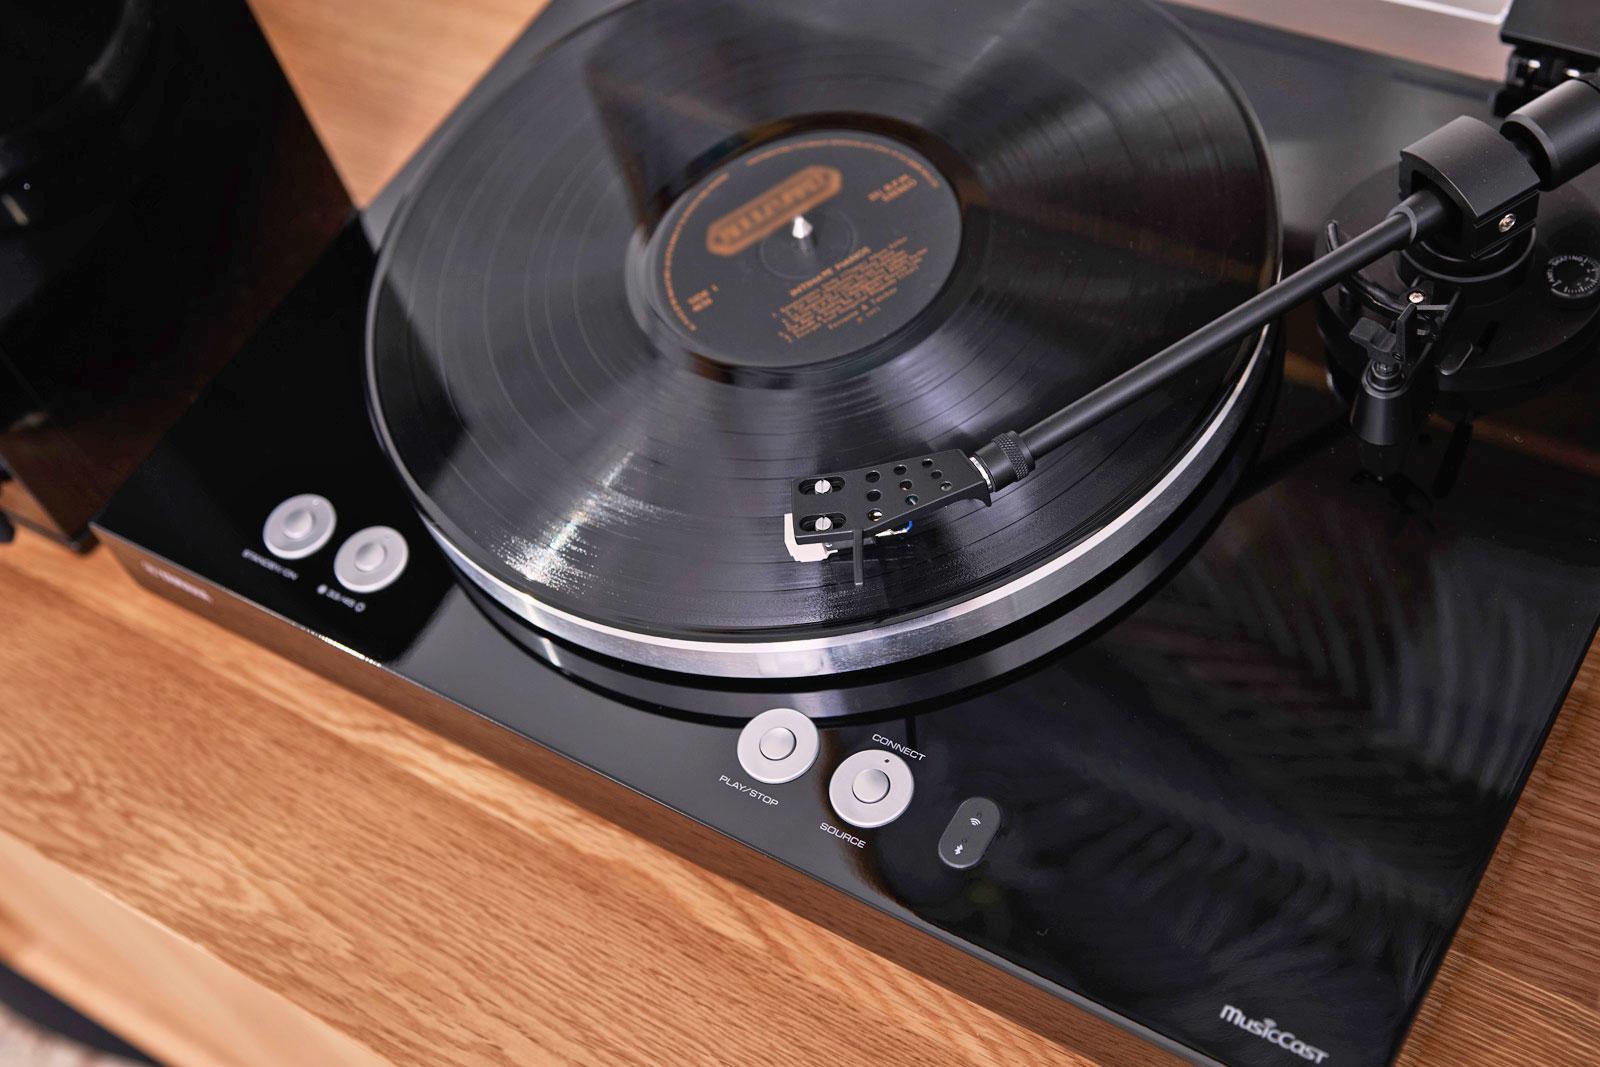 雅马哈将推新款黑胶唱片机 可通过WiFi传送到支...